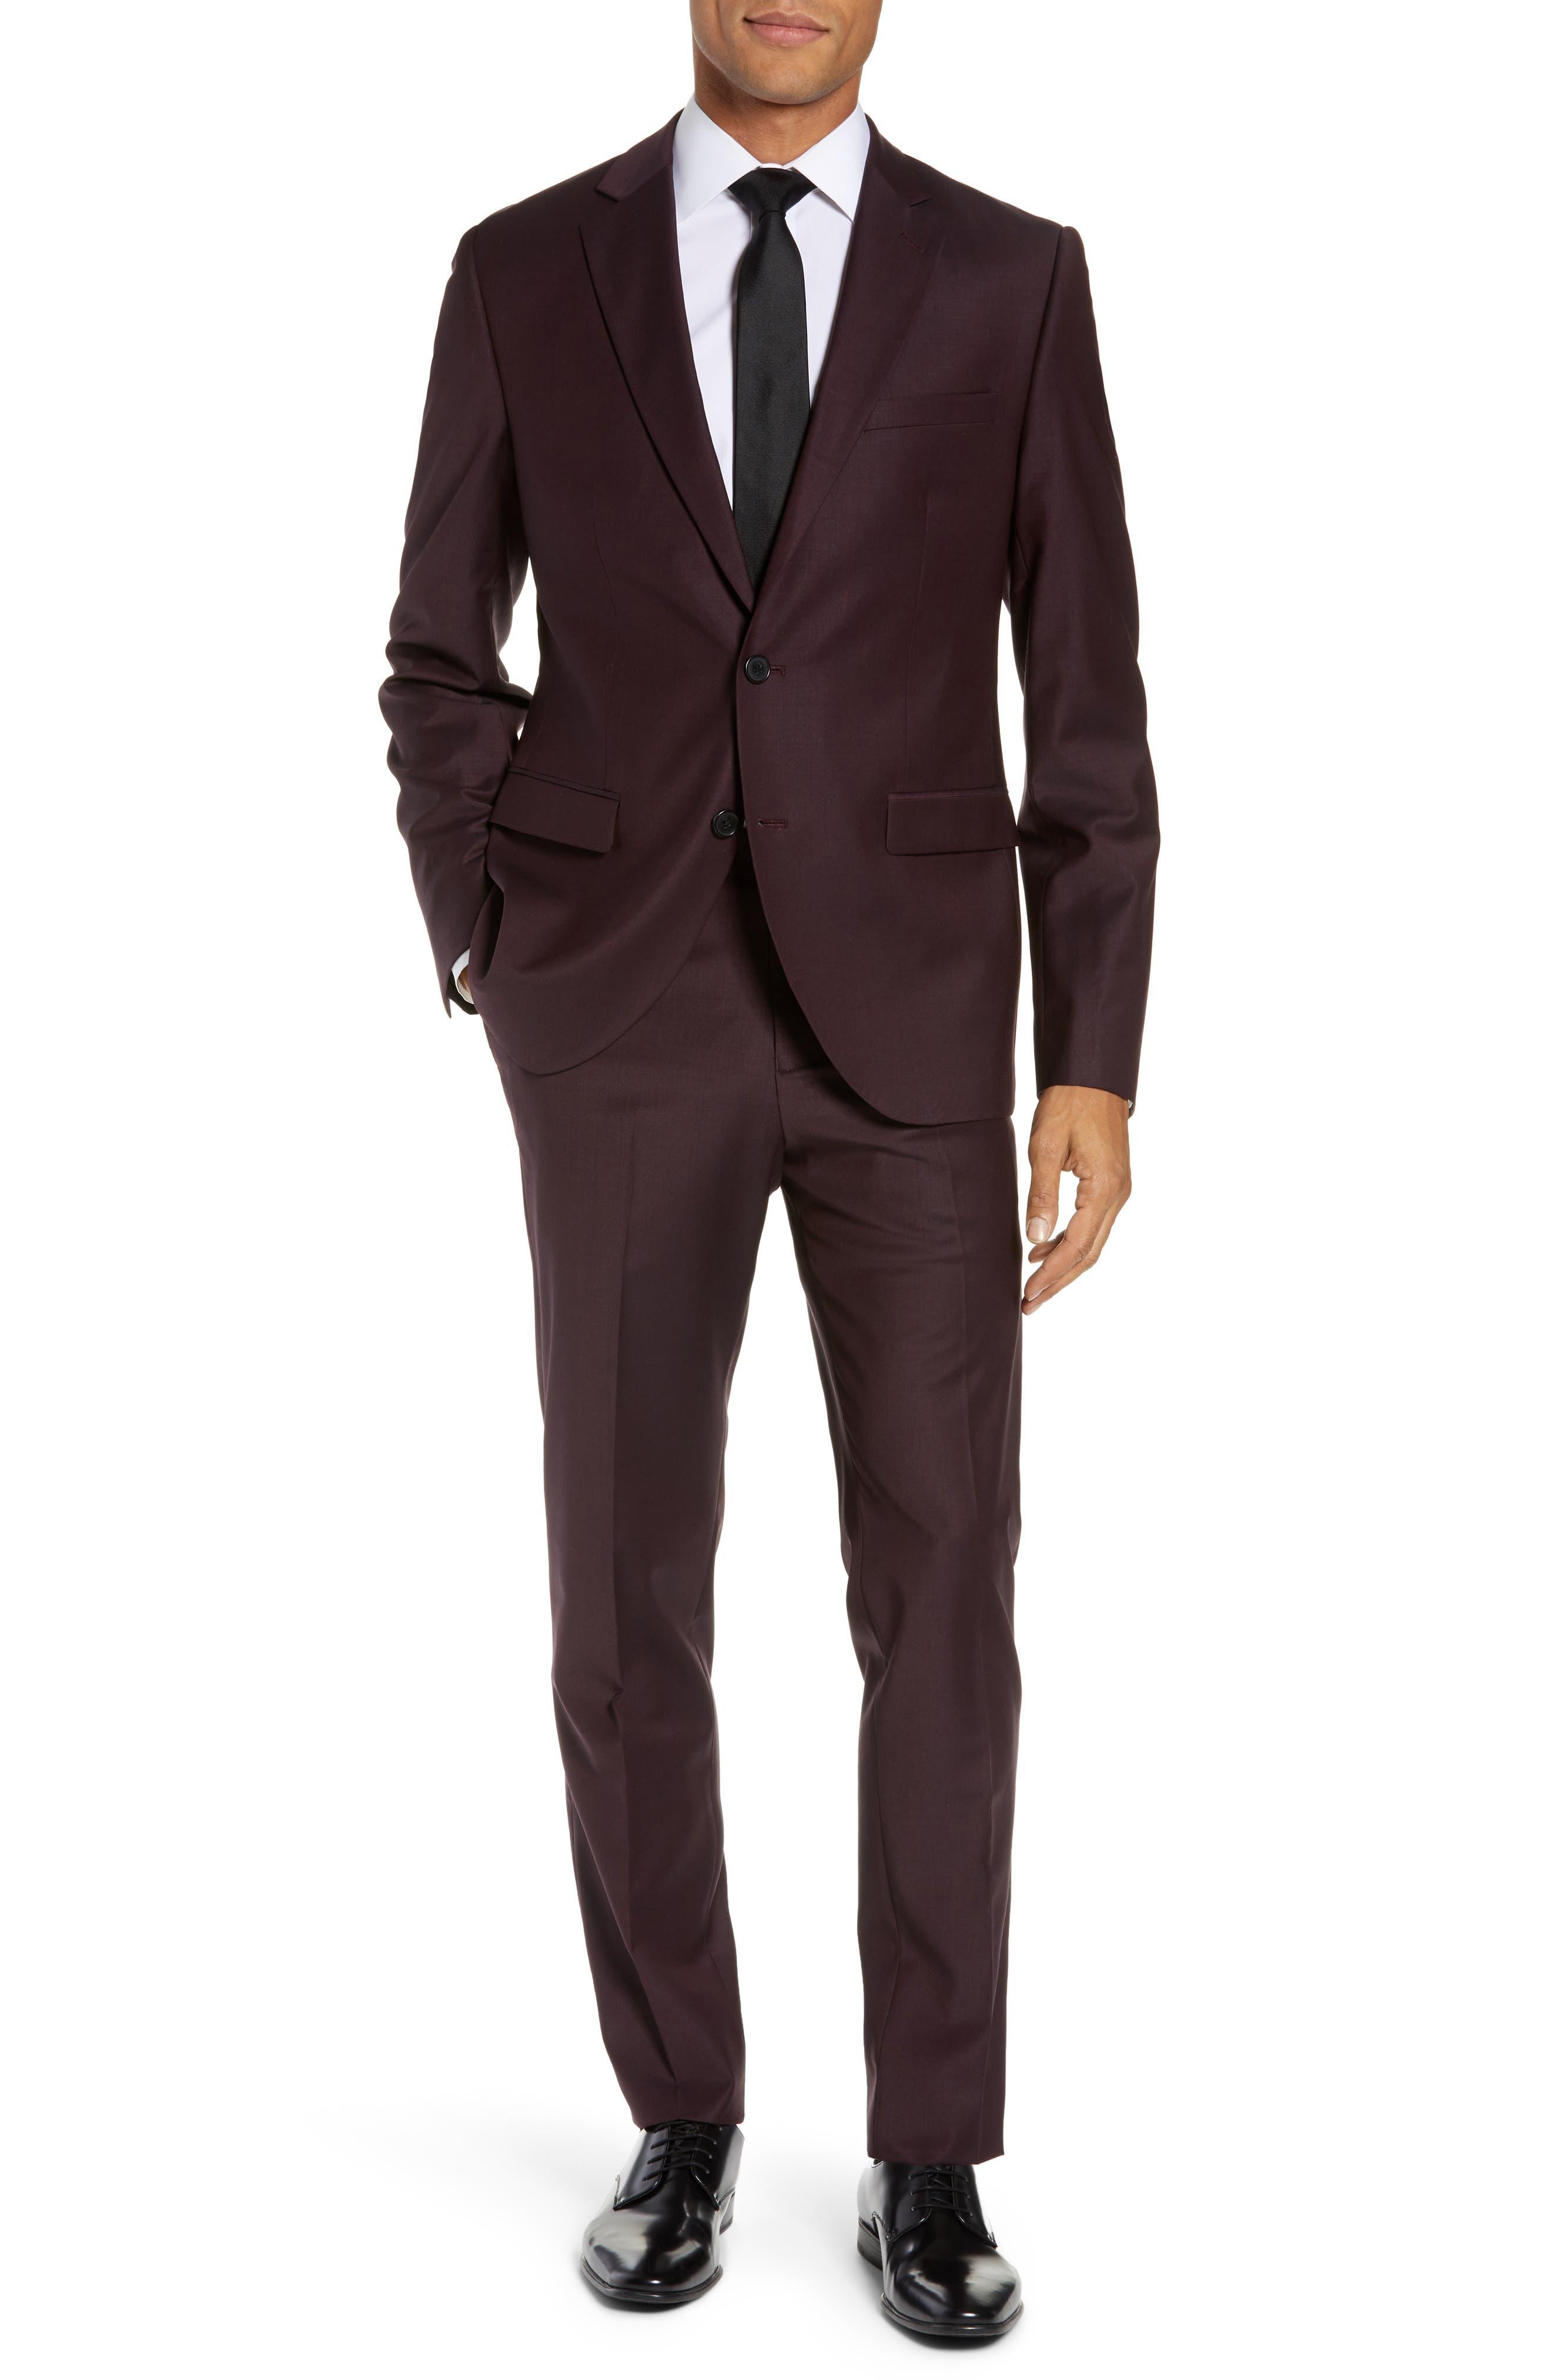 Extra Trim Fit Suit Jacket,                             Alternate thumbnail 6, color,                             BURGUNDY